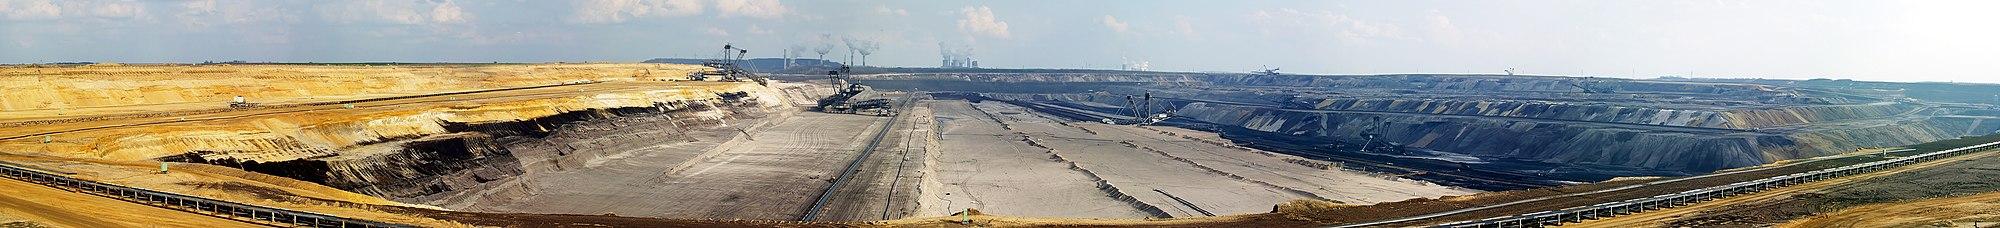 Mina de carbón a cielo abierto en Garzweiler, Alemania. Panorámica en alta resolución.